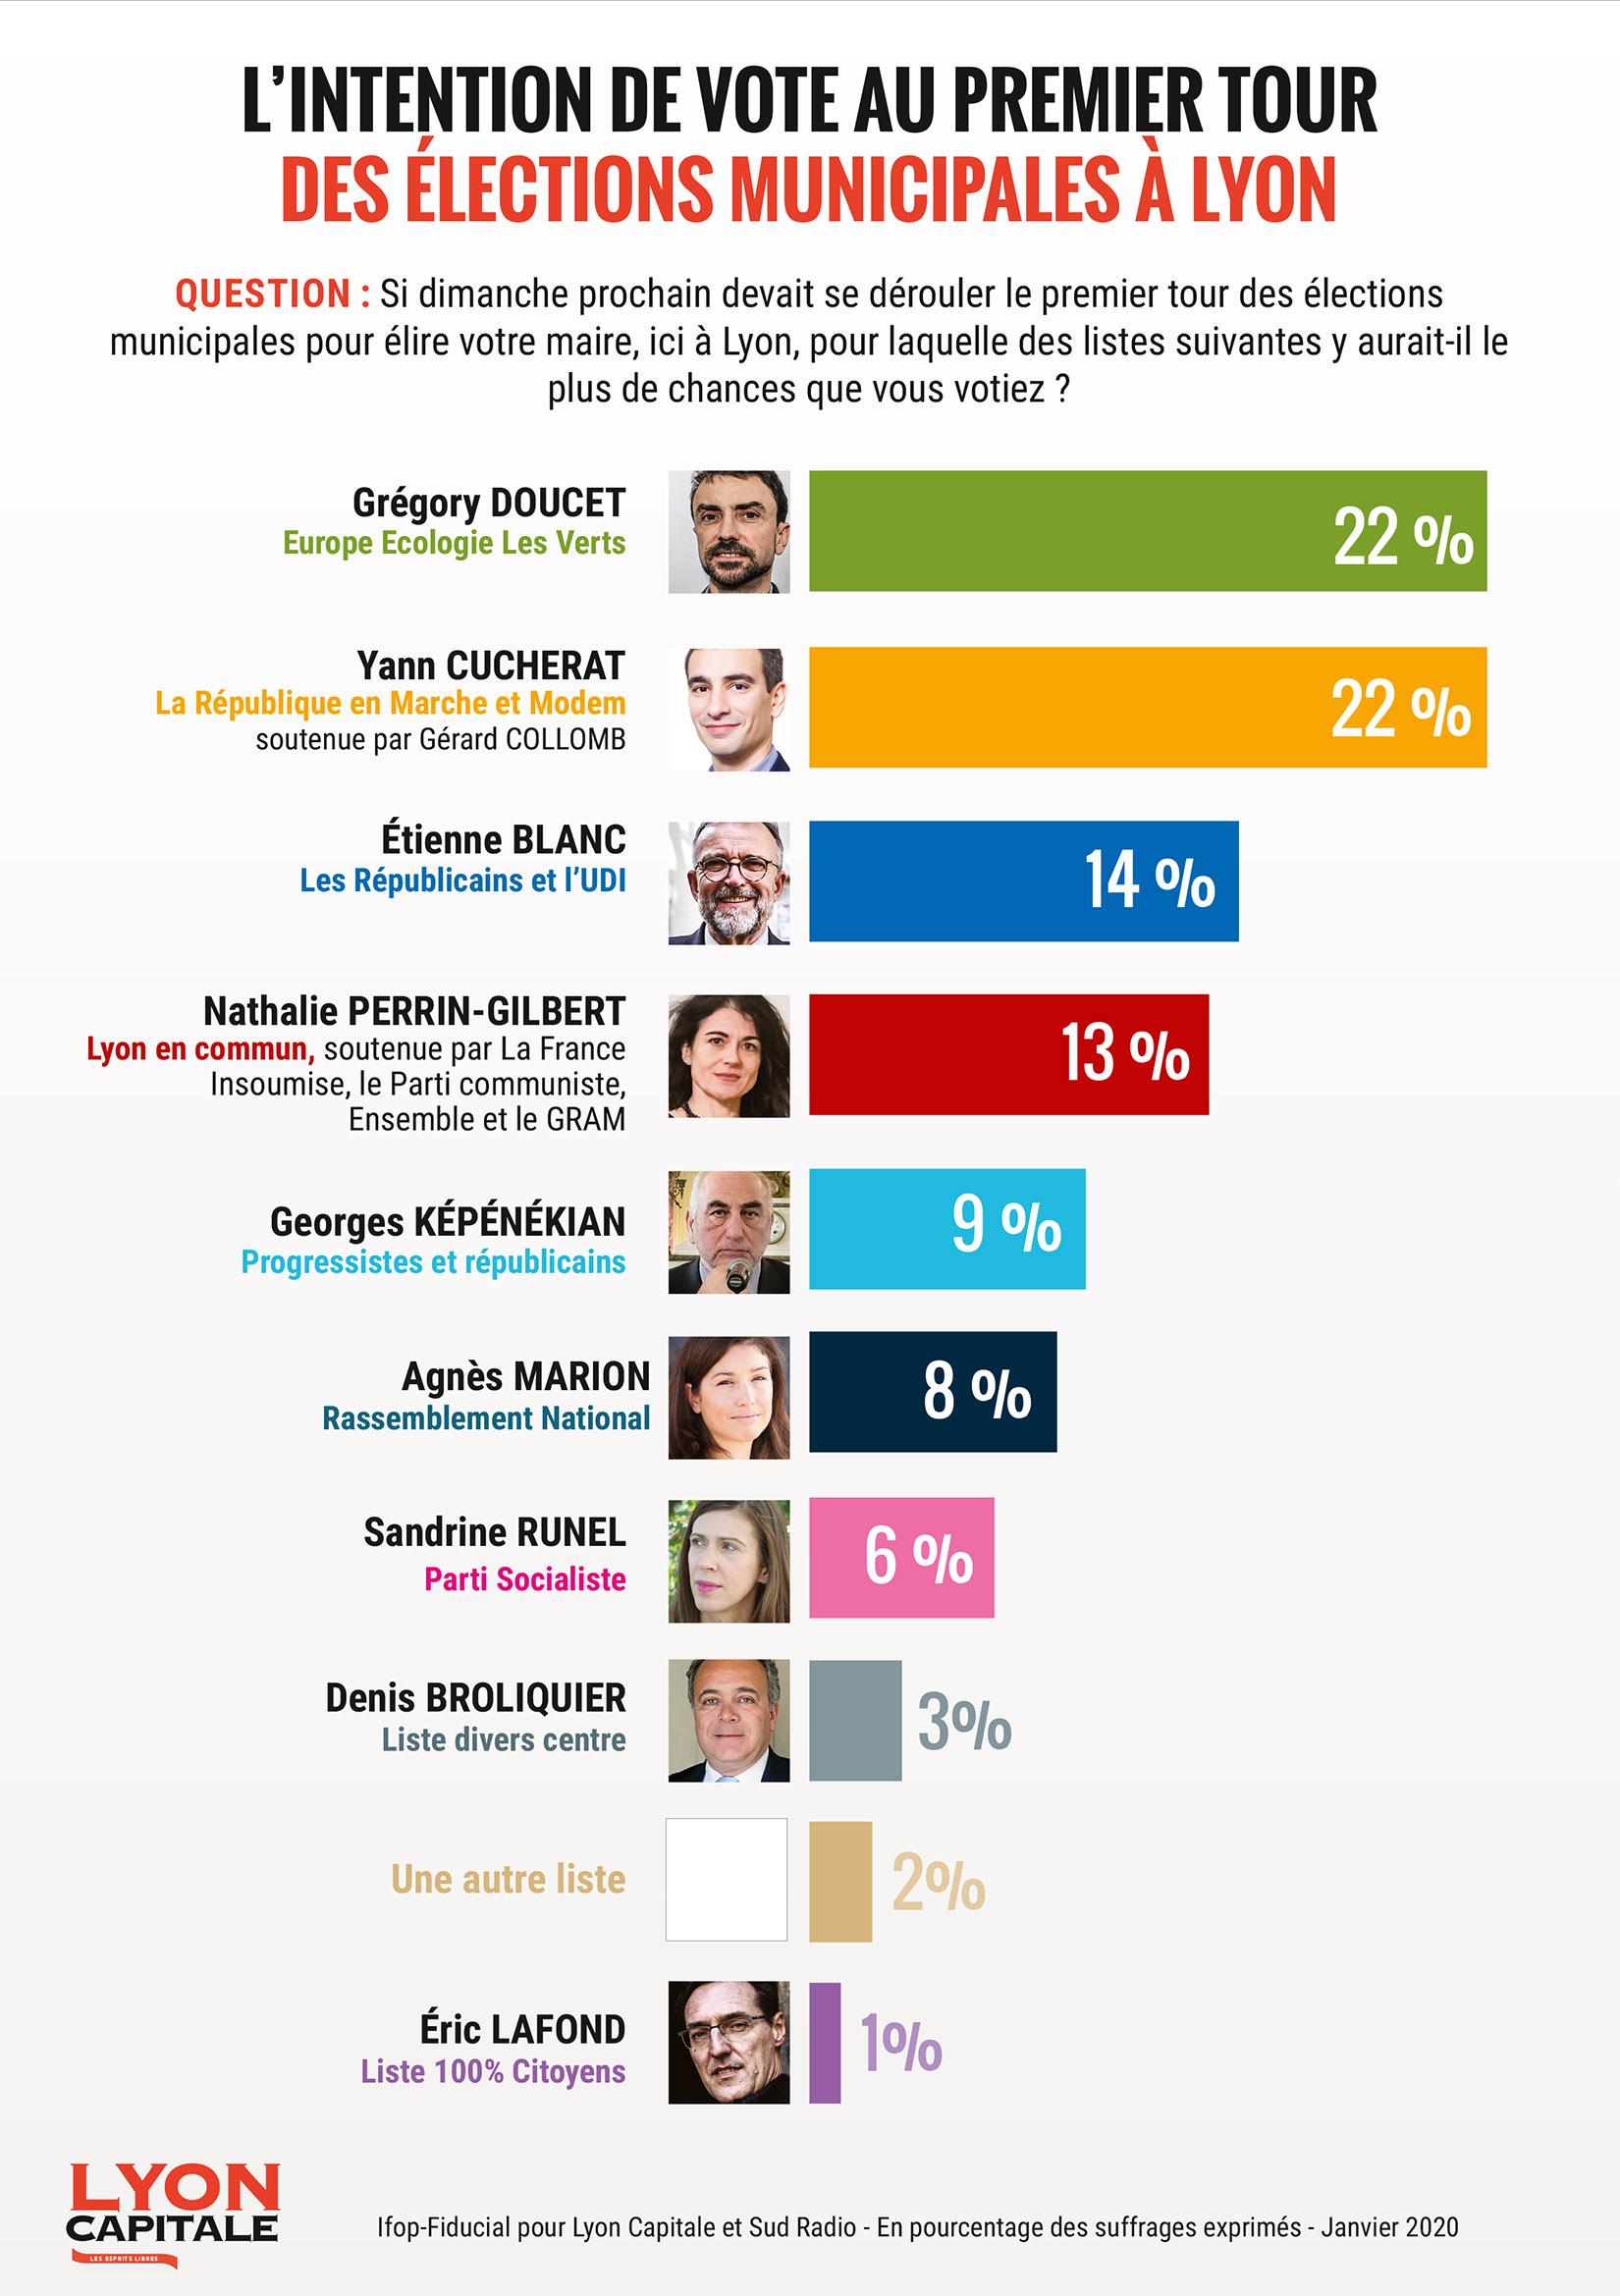 Sondage Ifop-Fiducial pour Lyon Capitale sur les élections municipales de 2020